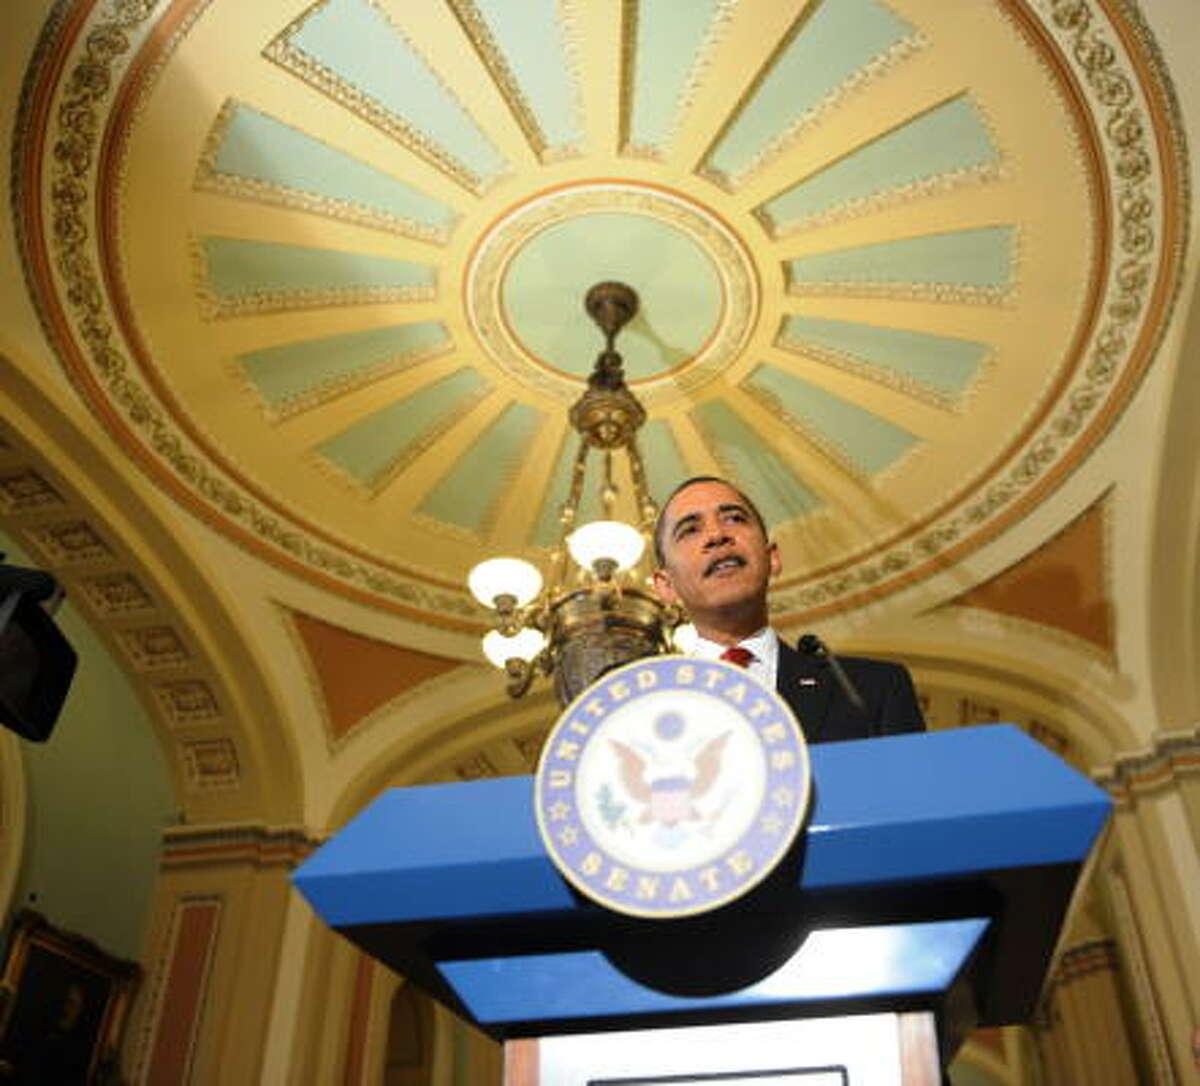 Mientras el Congreso debate la aprobación del paquete de estímulo económico del presidente Barack Obama, Houston se prepara para conseguir una parte del pastel.